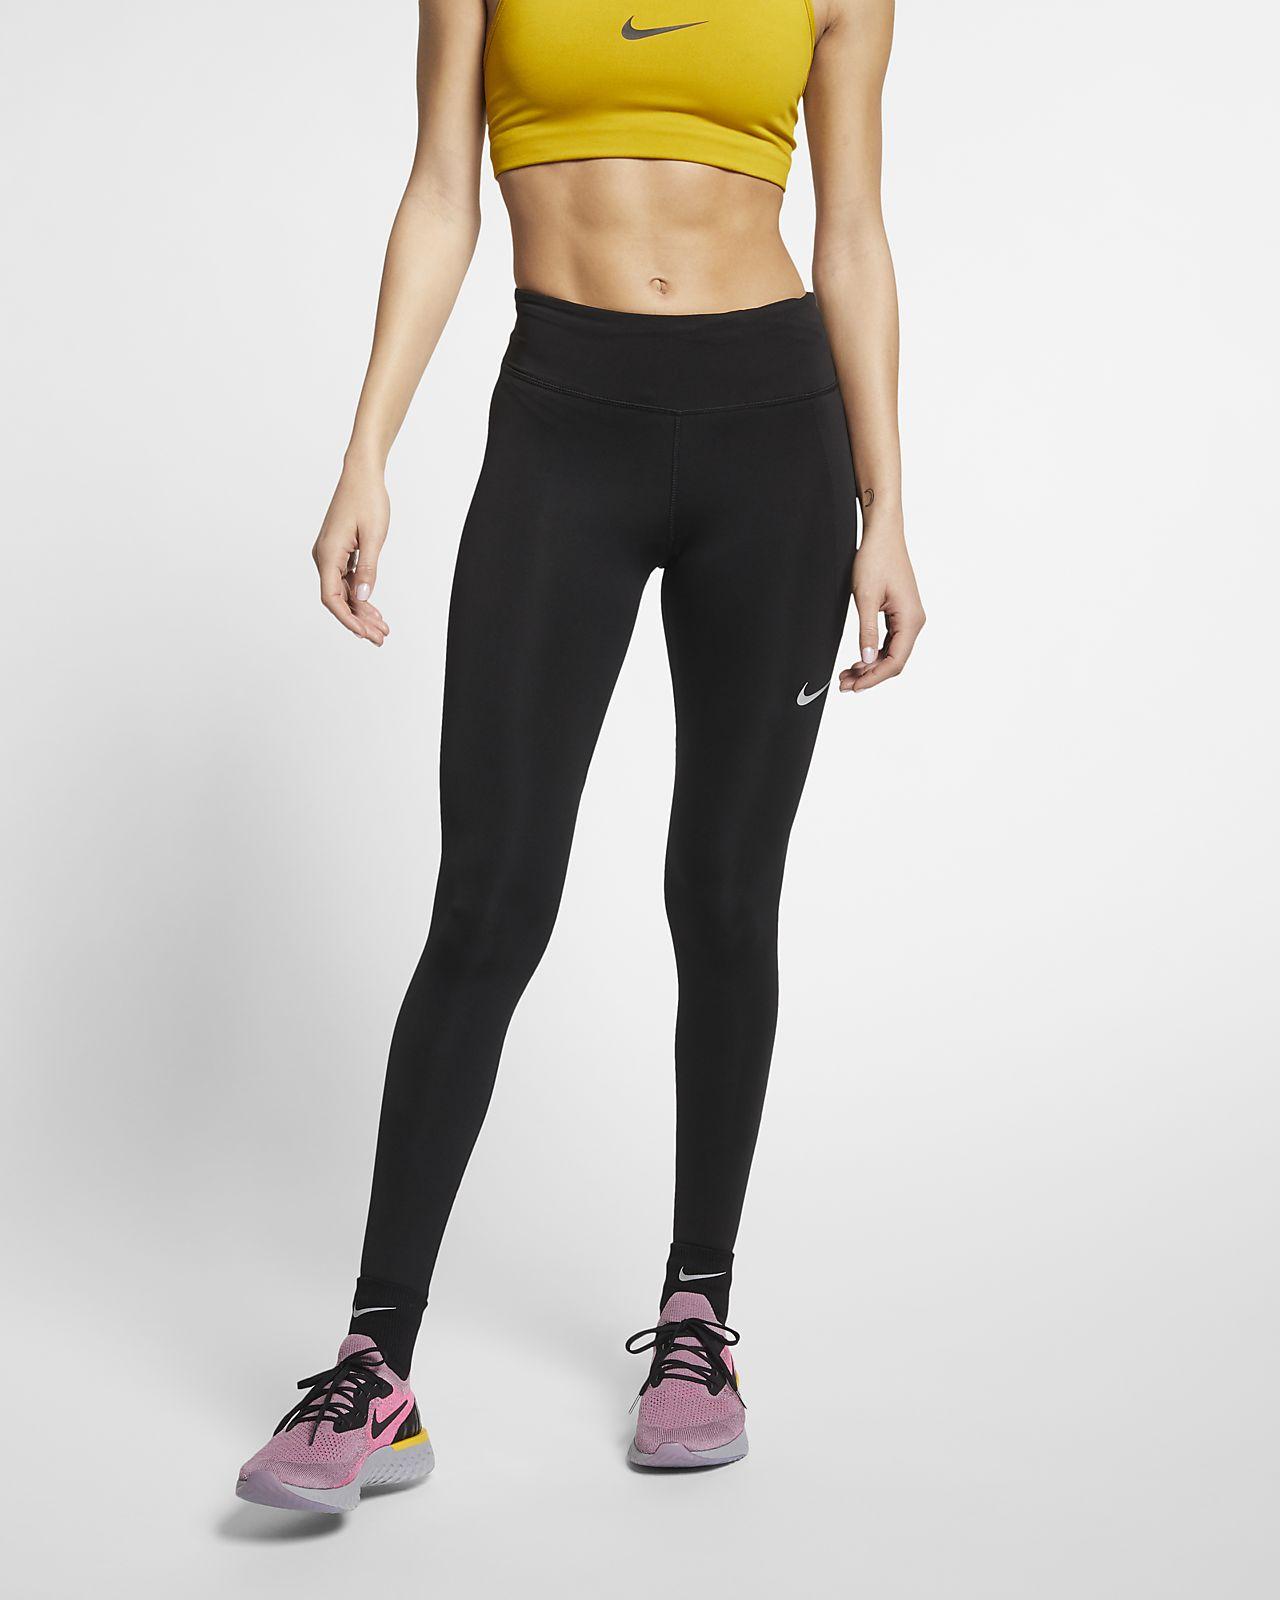 Nike Fast-løbetights til kvinder